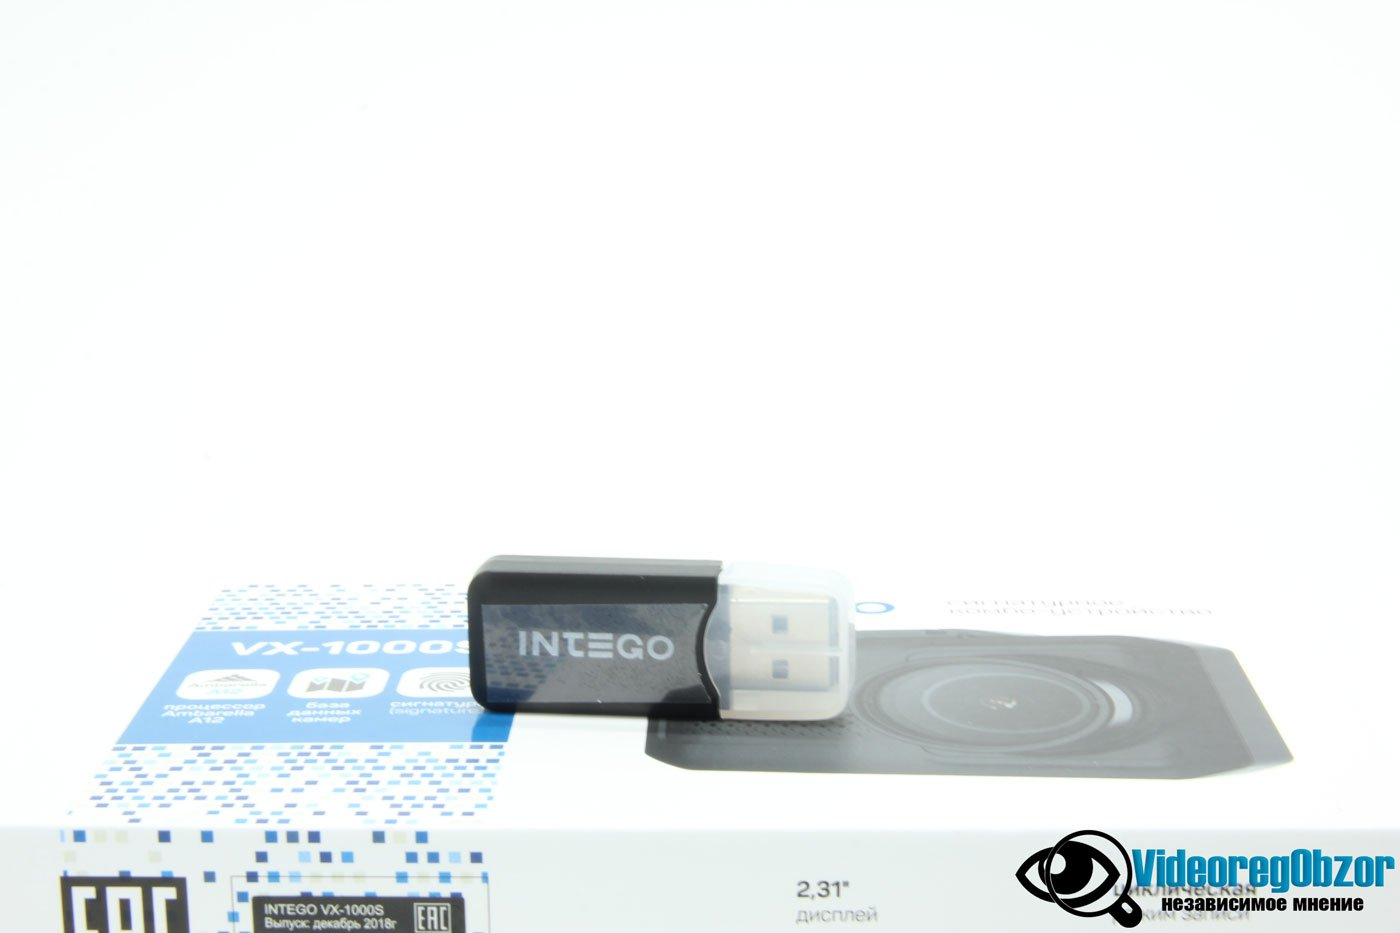 INTEGO VX 1000S 22